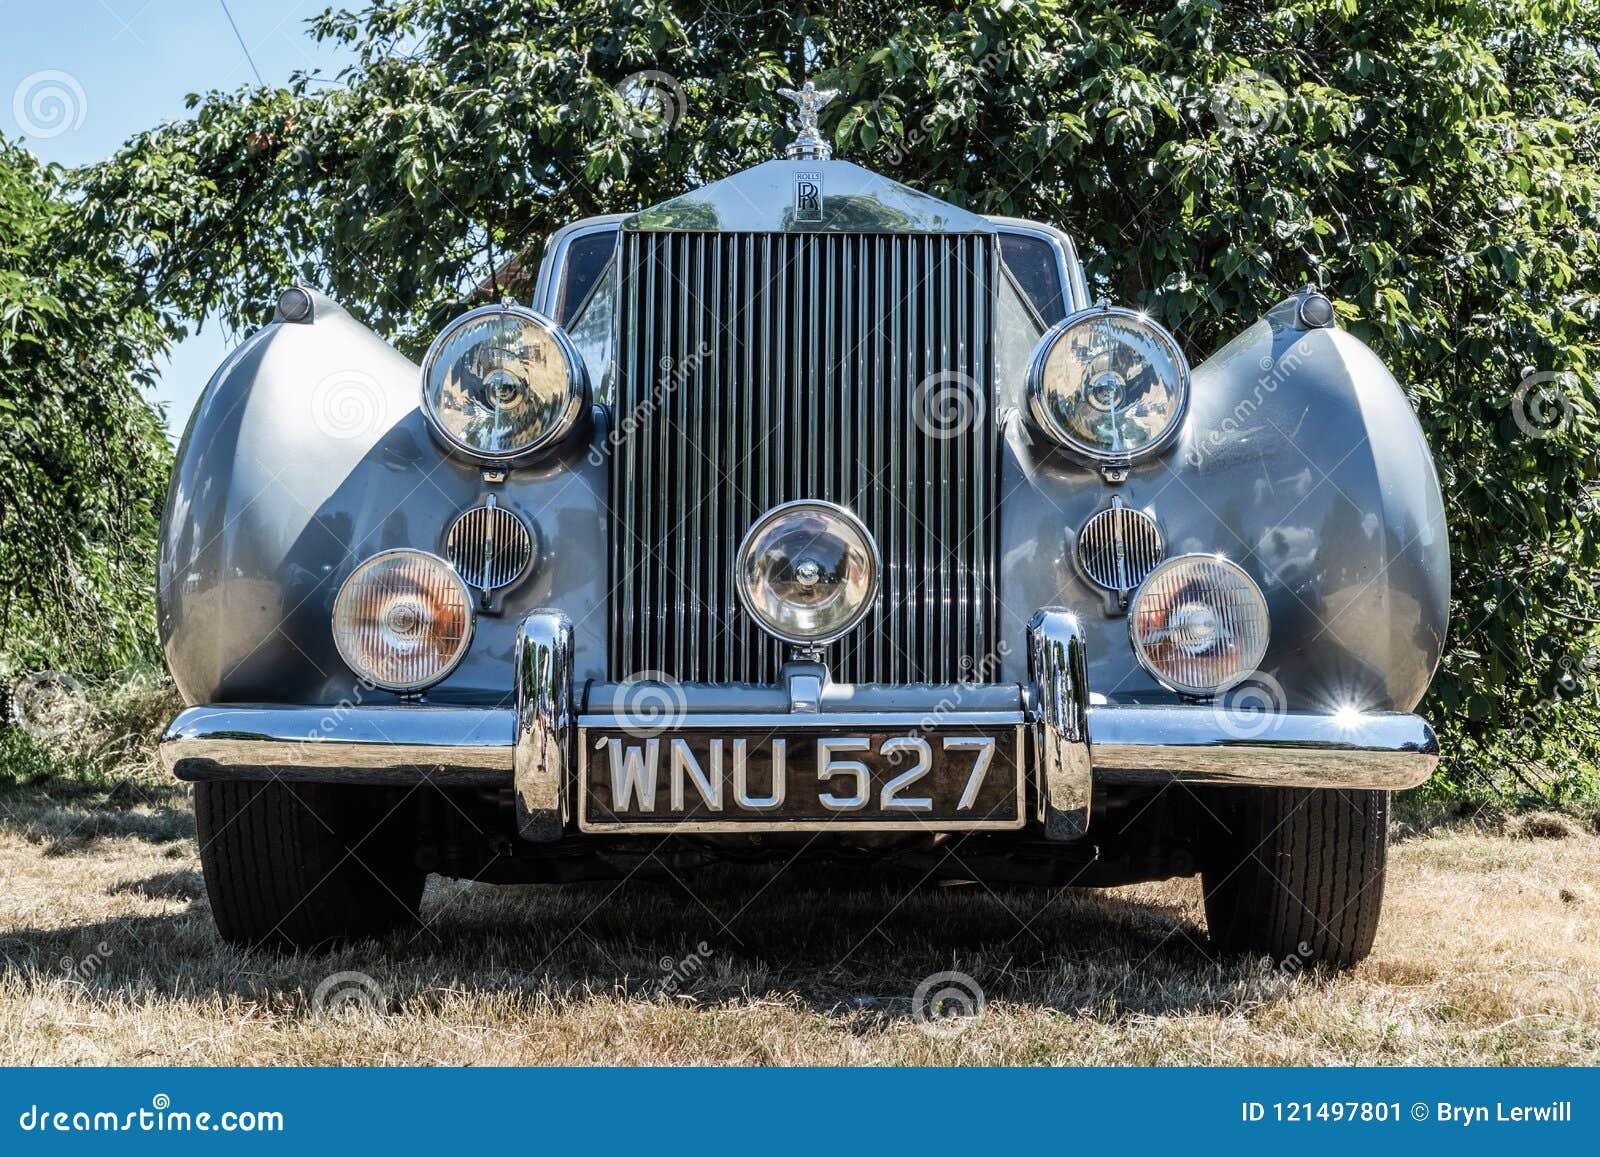 Rolls Royce Silver Cloud 1954